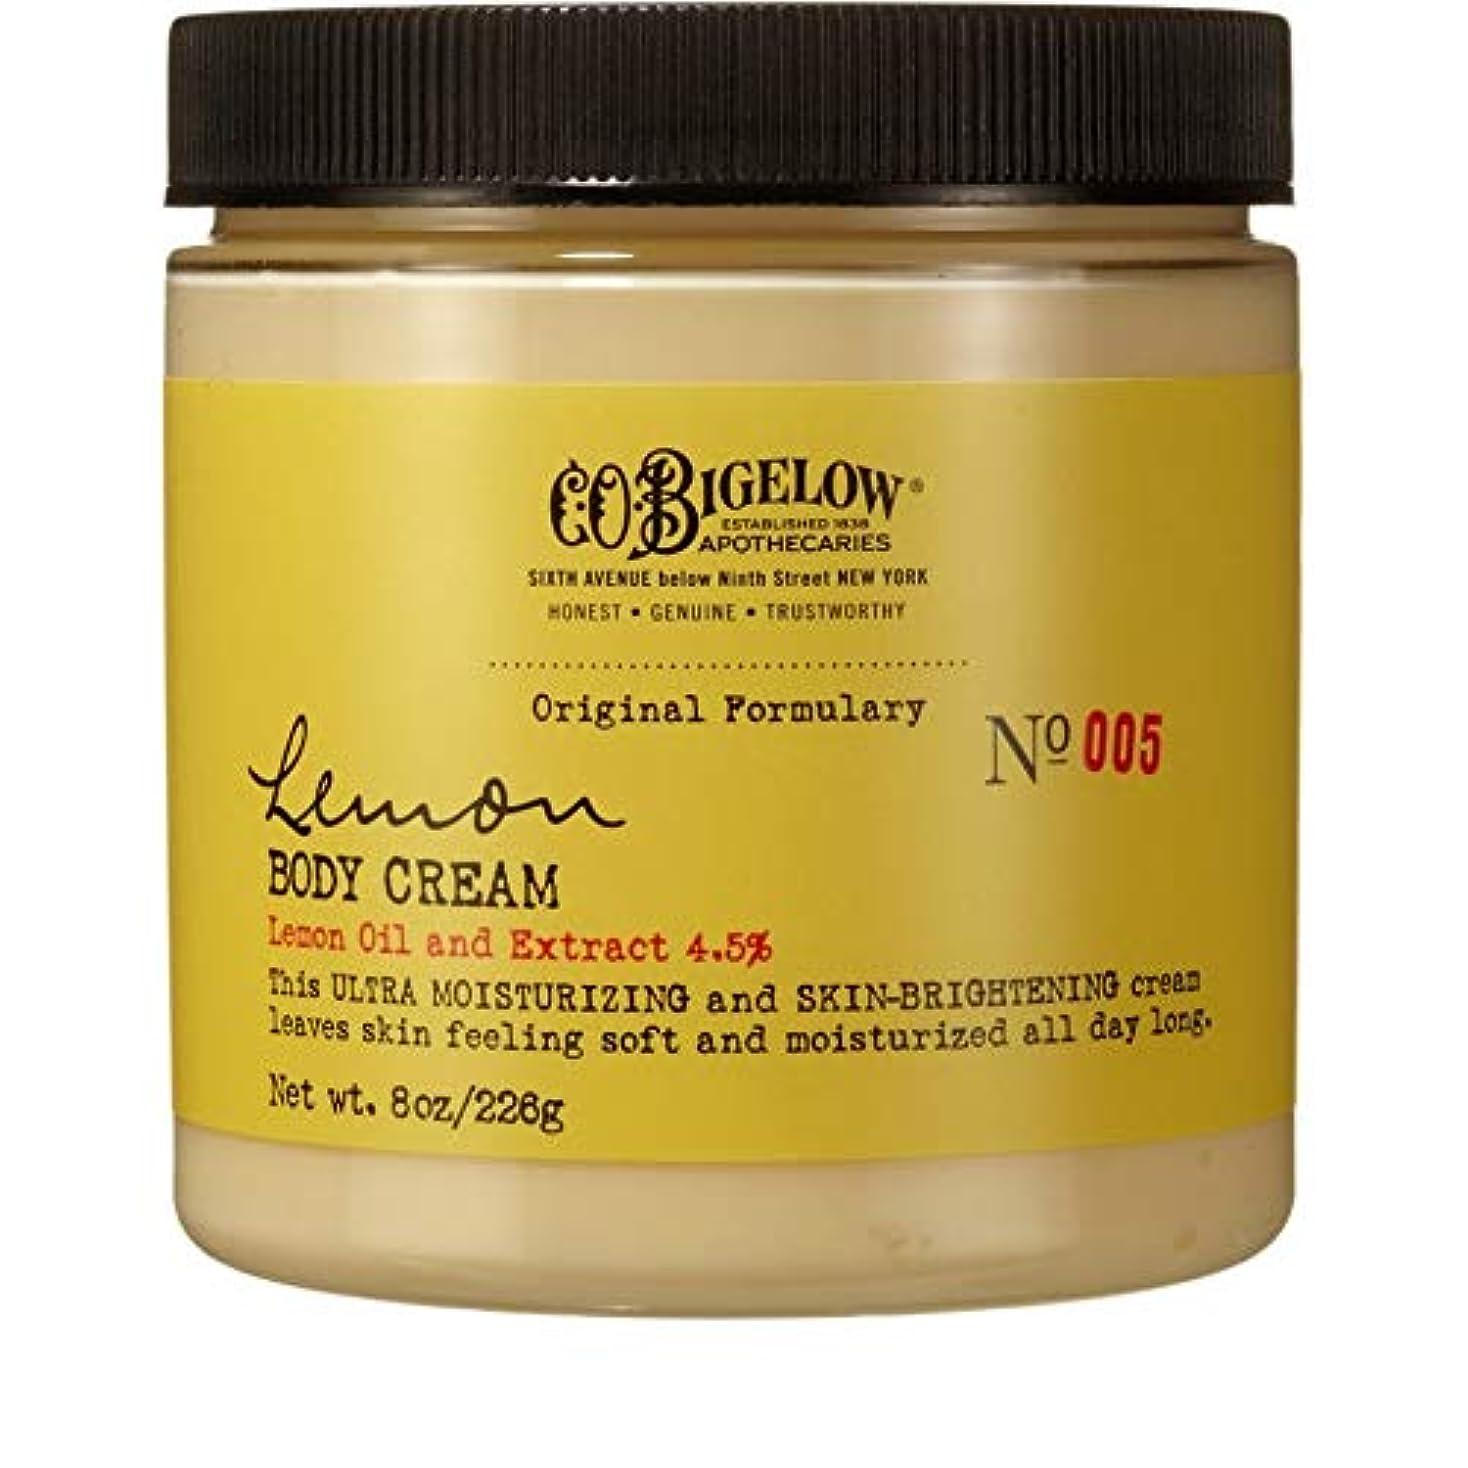 みぞれ同化するミケランジェロ[C.O. Bigelow] C.O.ビゲローレモンボディクリーム226グラム - C.O. Bigelow Lemon Body Cream 226g [並行輸入品]